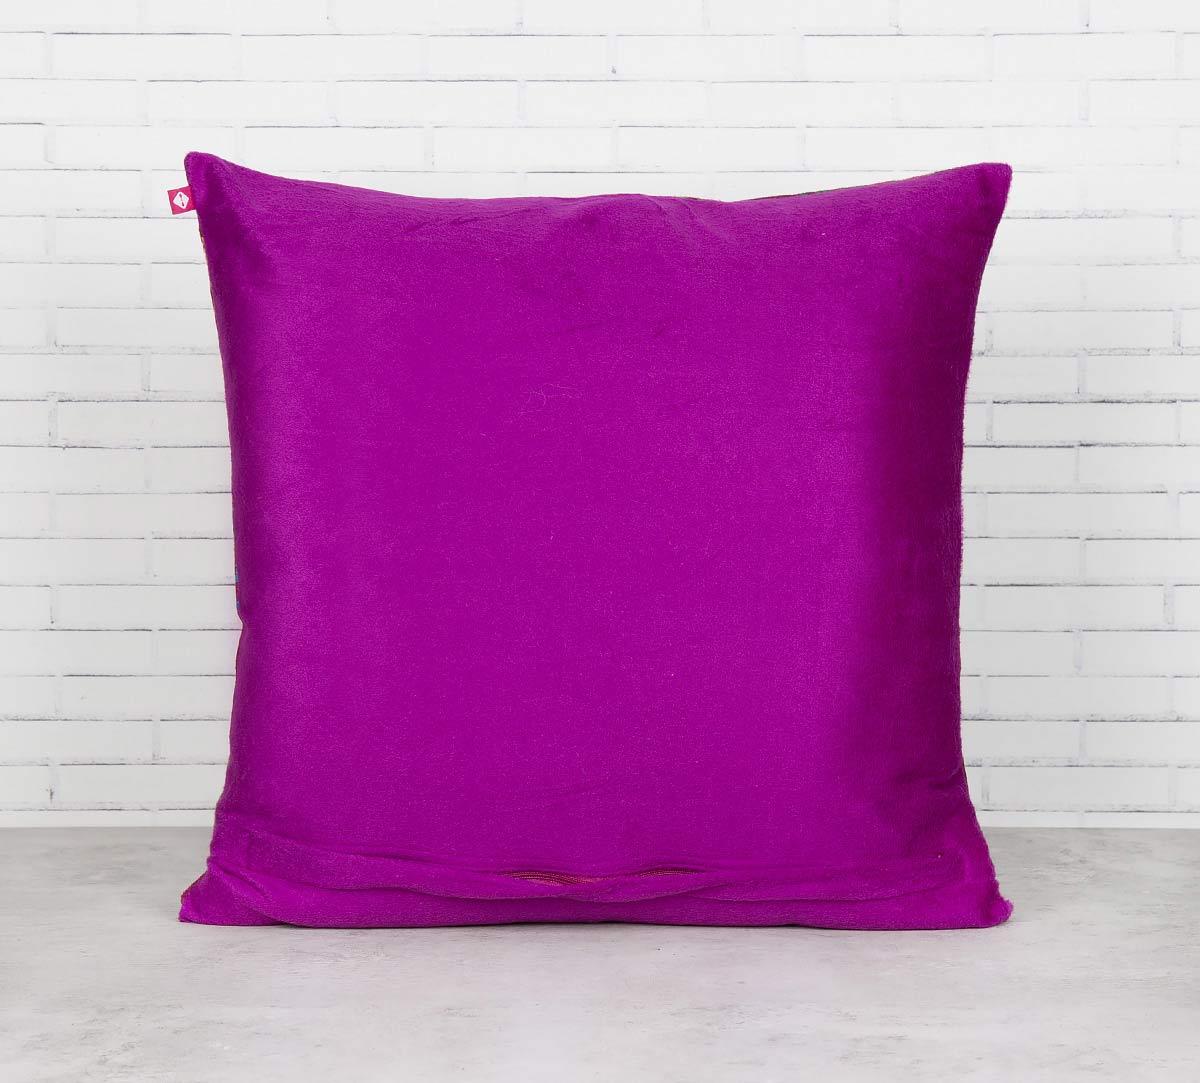 Jam Lake Florist Blended Velvet Cushion Cover